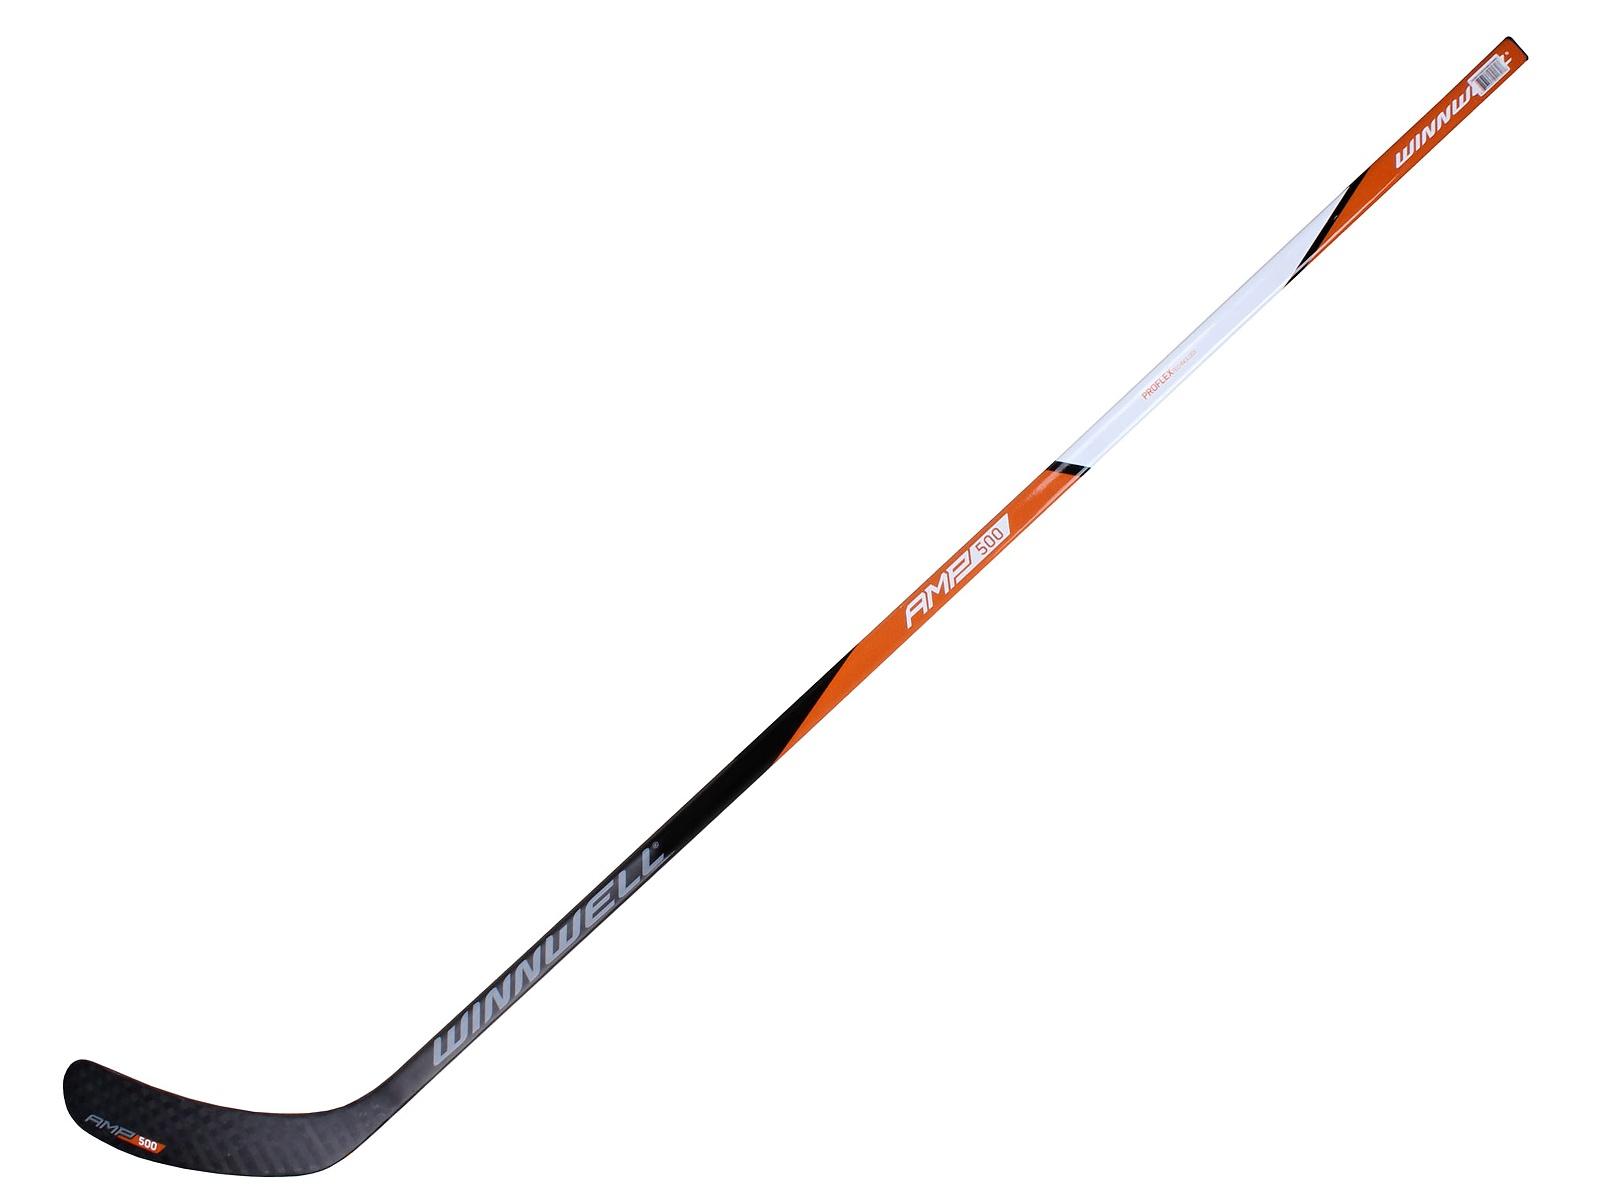 Hokejka WINNWELL AMP 500 kompozit, flex 95 - RH 19